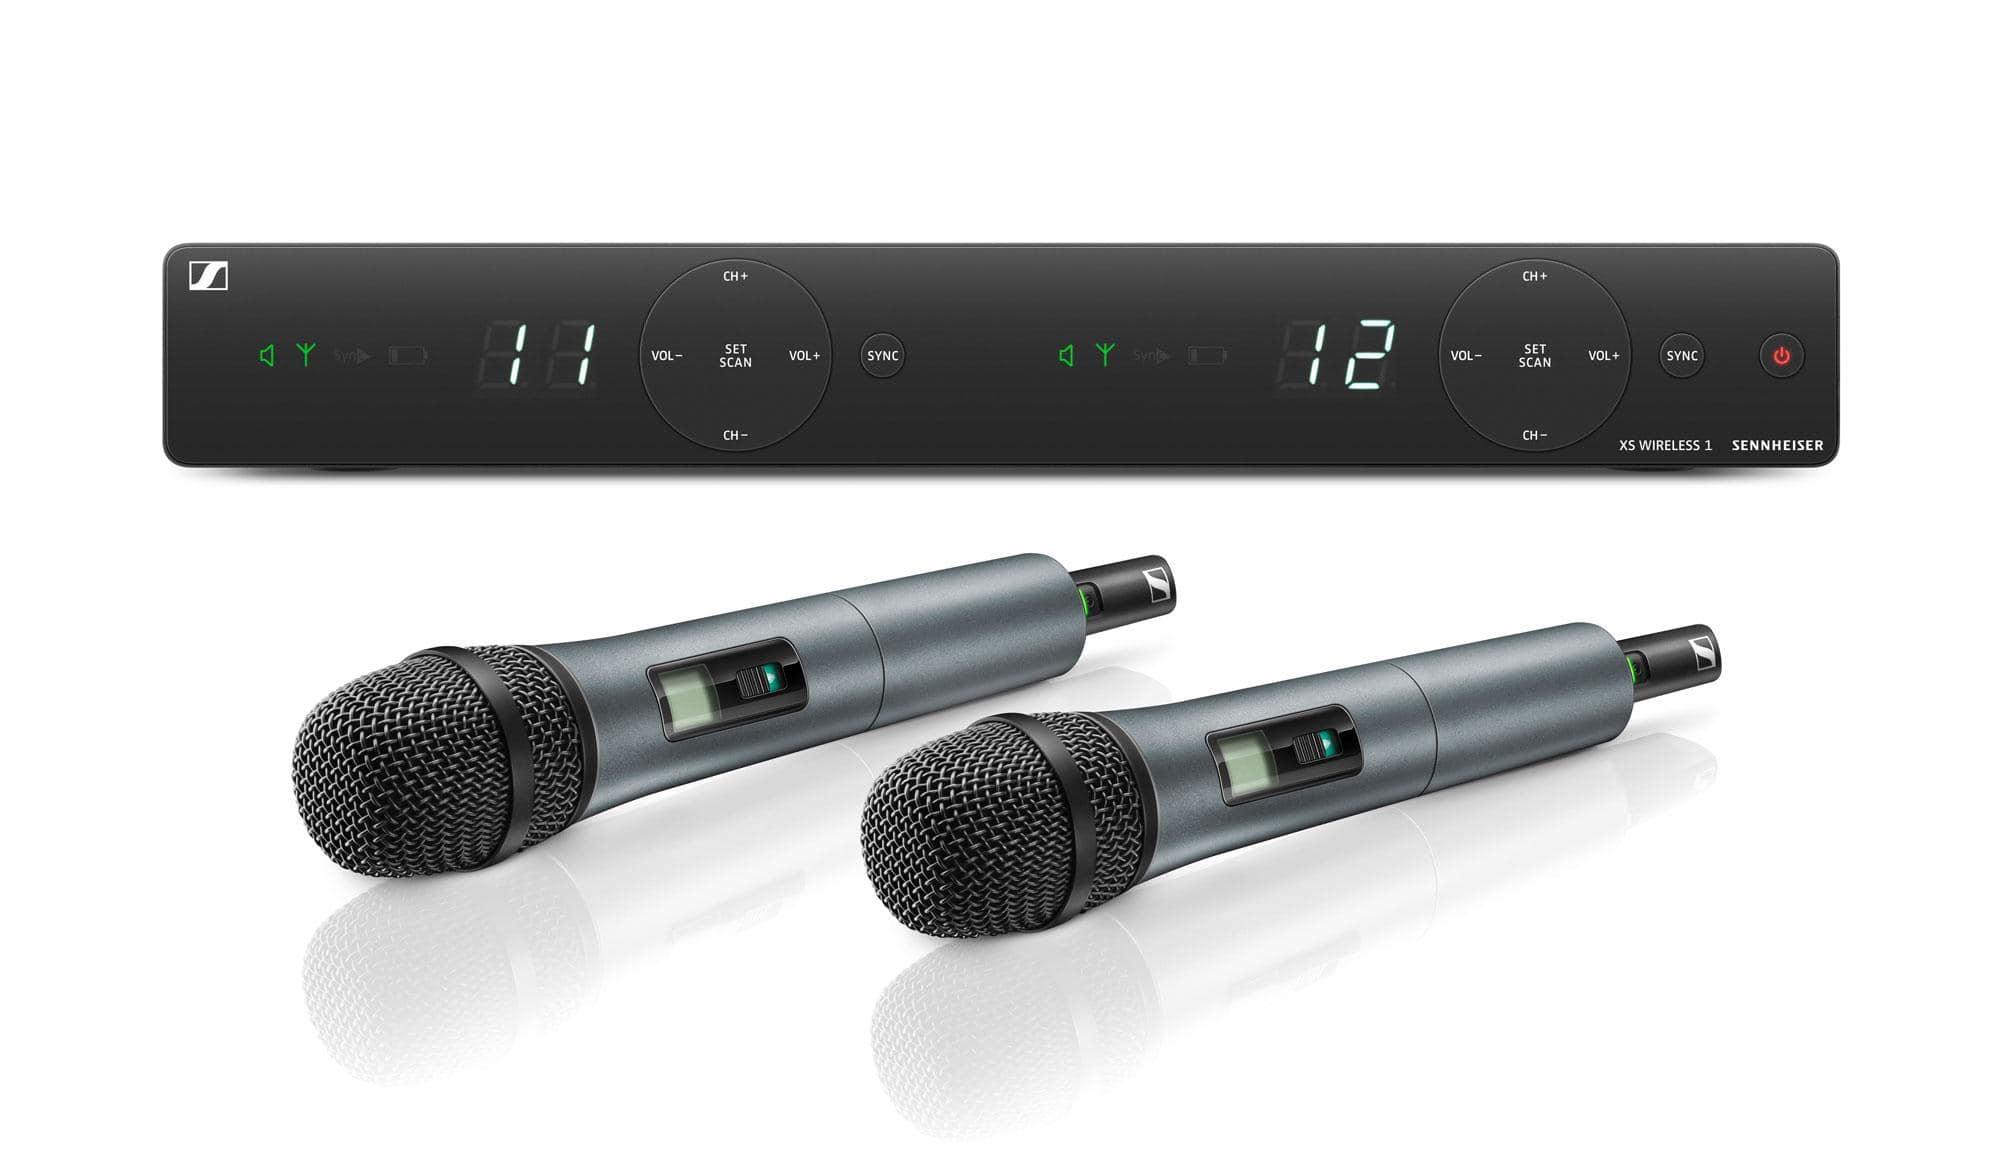 Sennheiser XSW 1 835 Dual Wireless